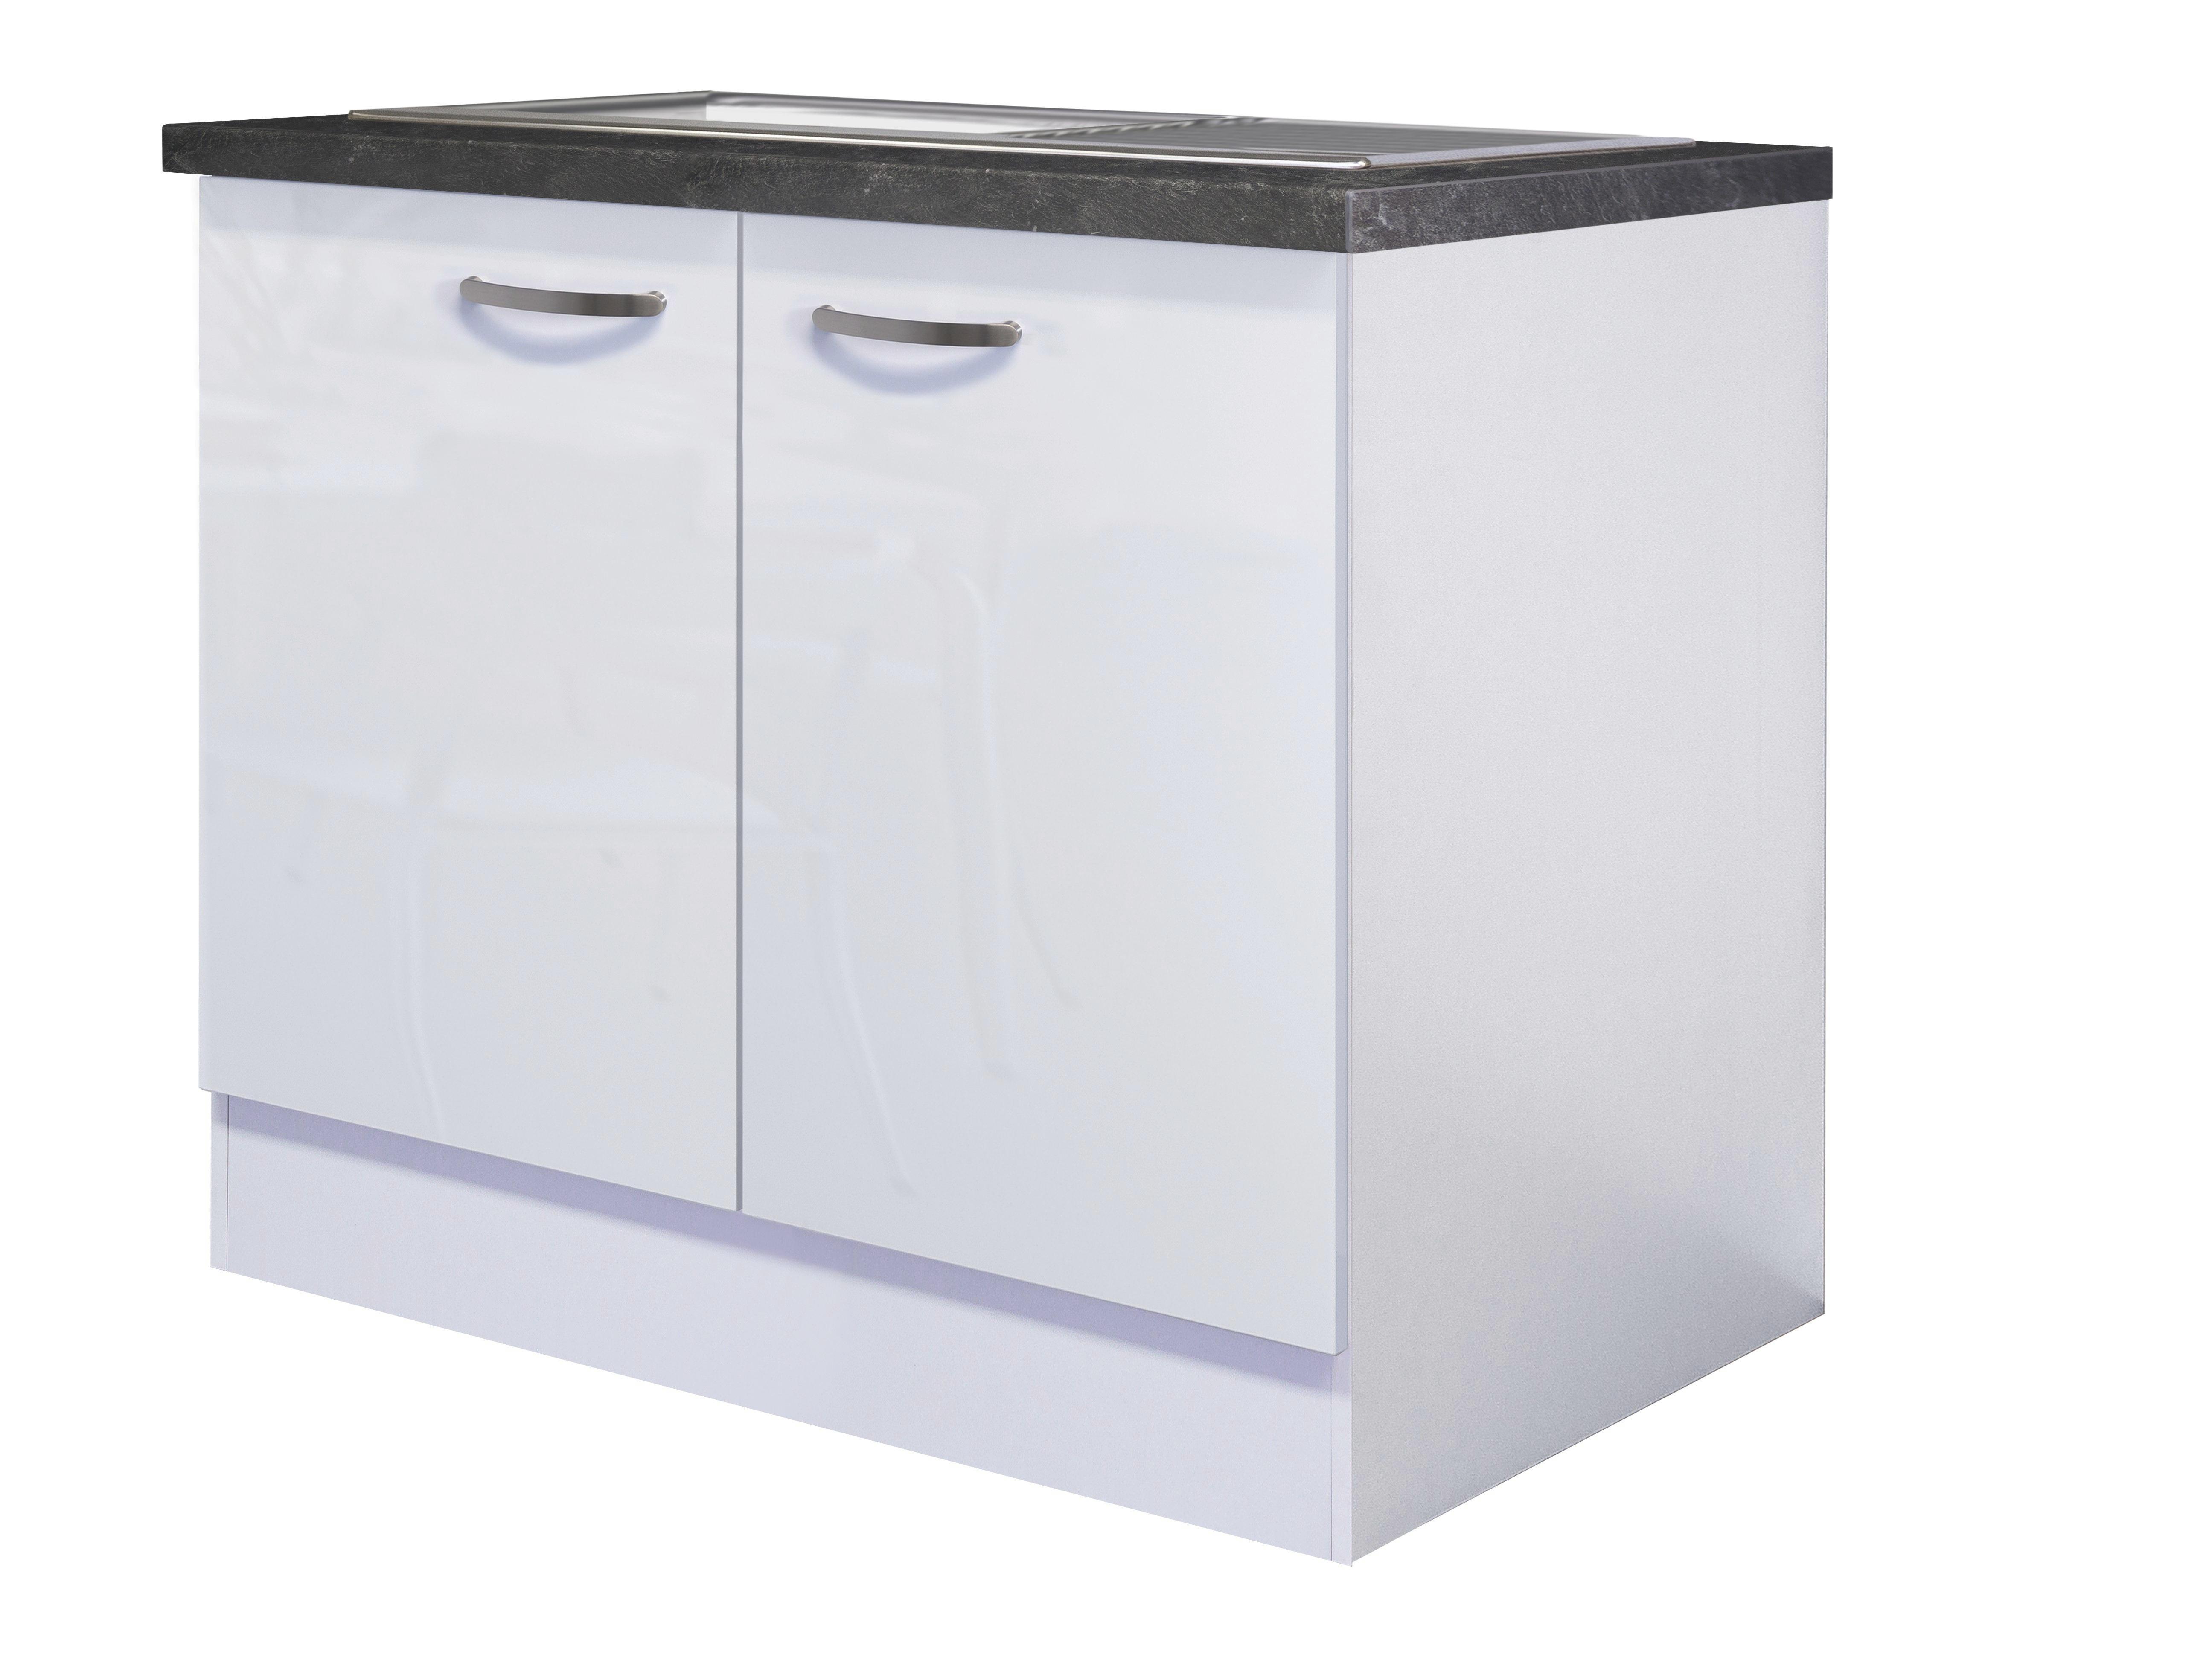 Kücheneinzelschränke günstig online kaufen | Möbelix